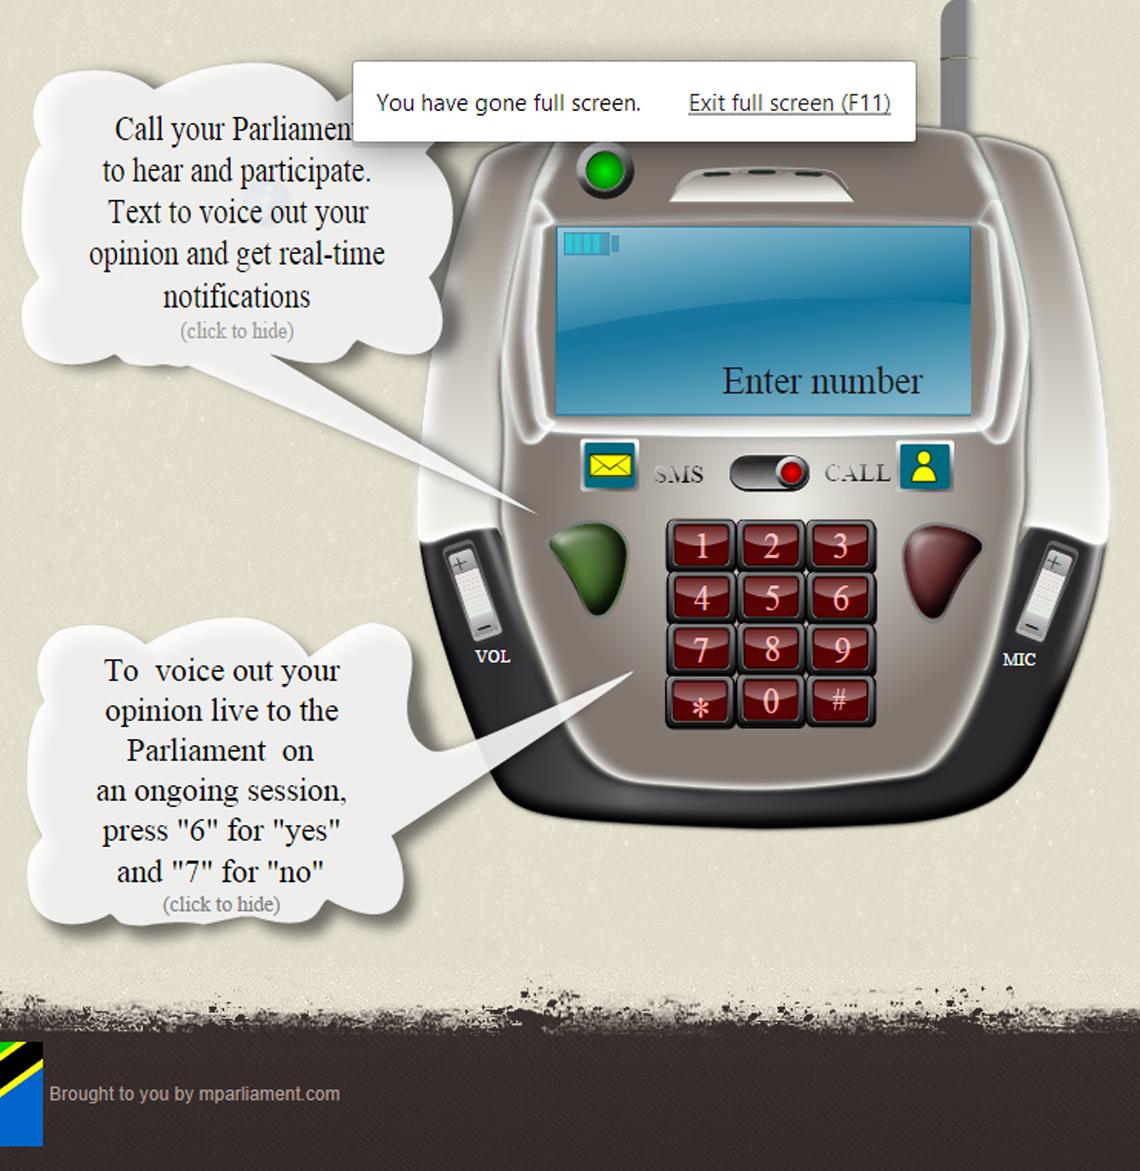 Magilatech mobile parliament